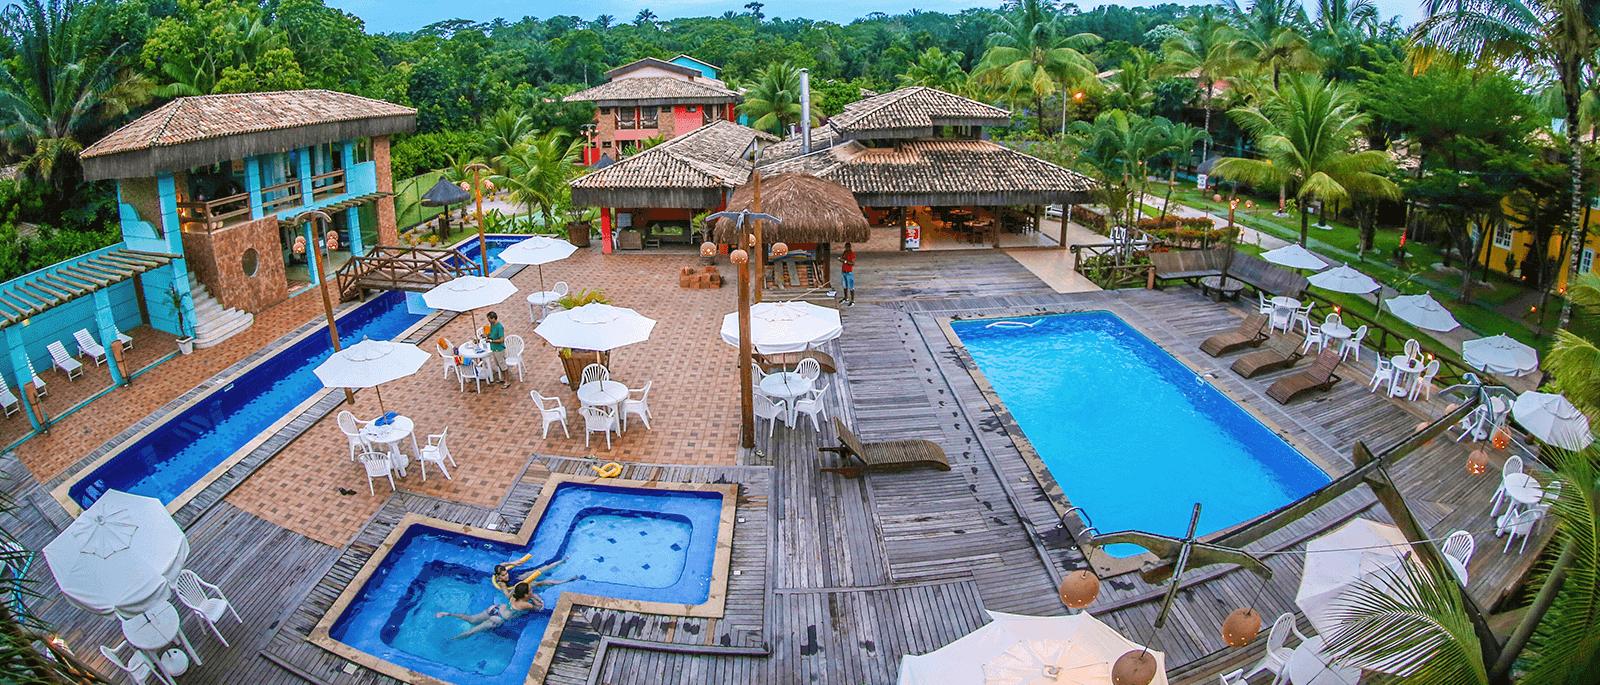 Hotel de charme em meio à natureza e com gratuidade para 2 crianças de até 11 anos.